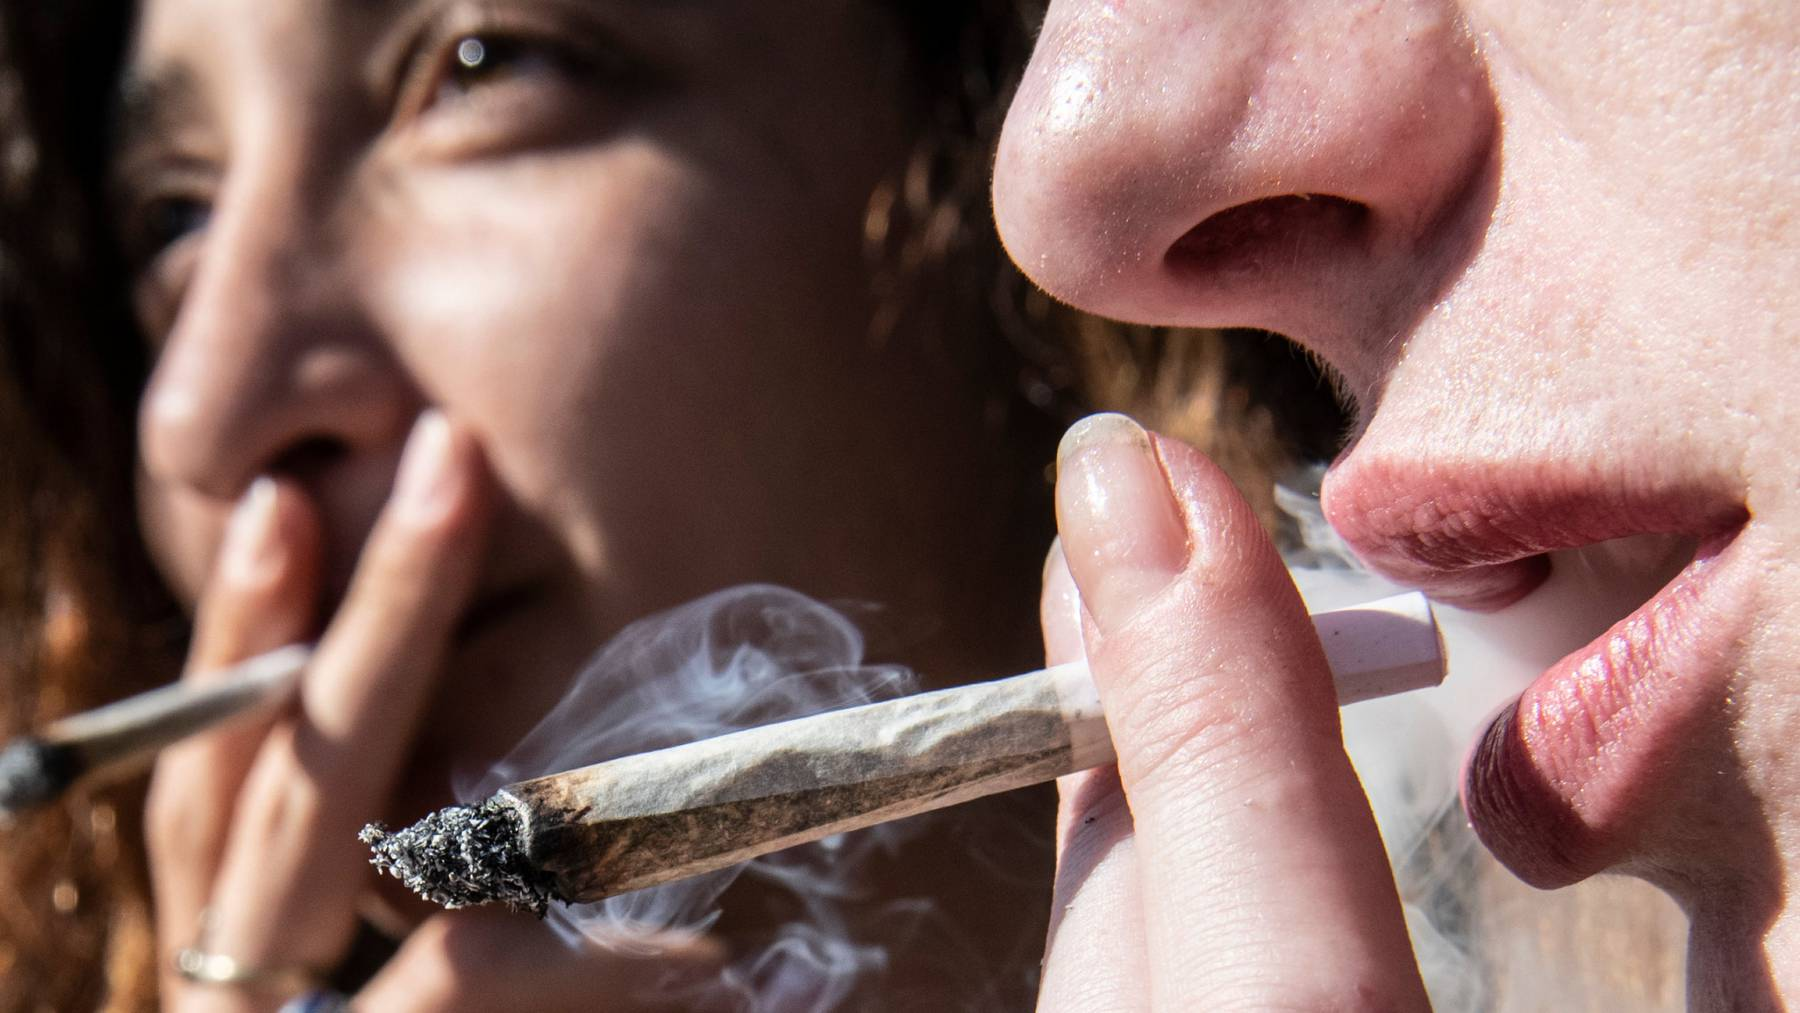 Nur Personen, die bereits Cannabis konsumieren, dürften sich an der Studie beteiligen.